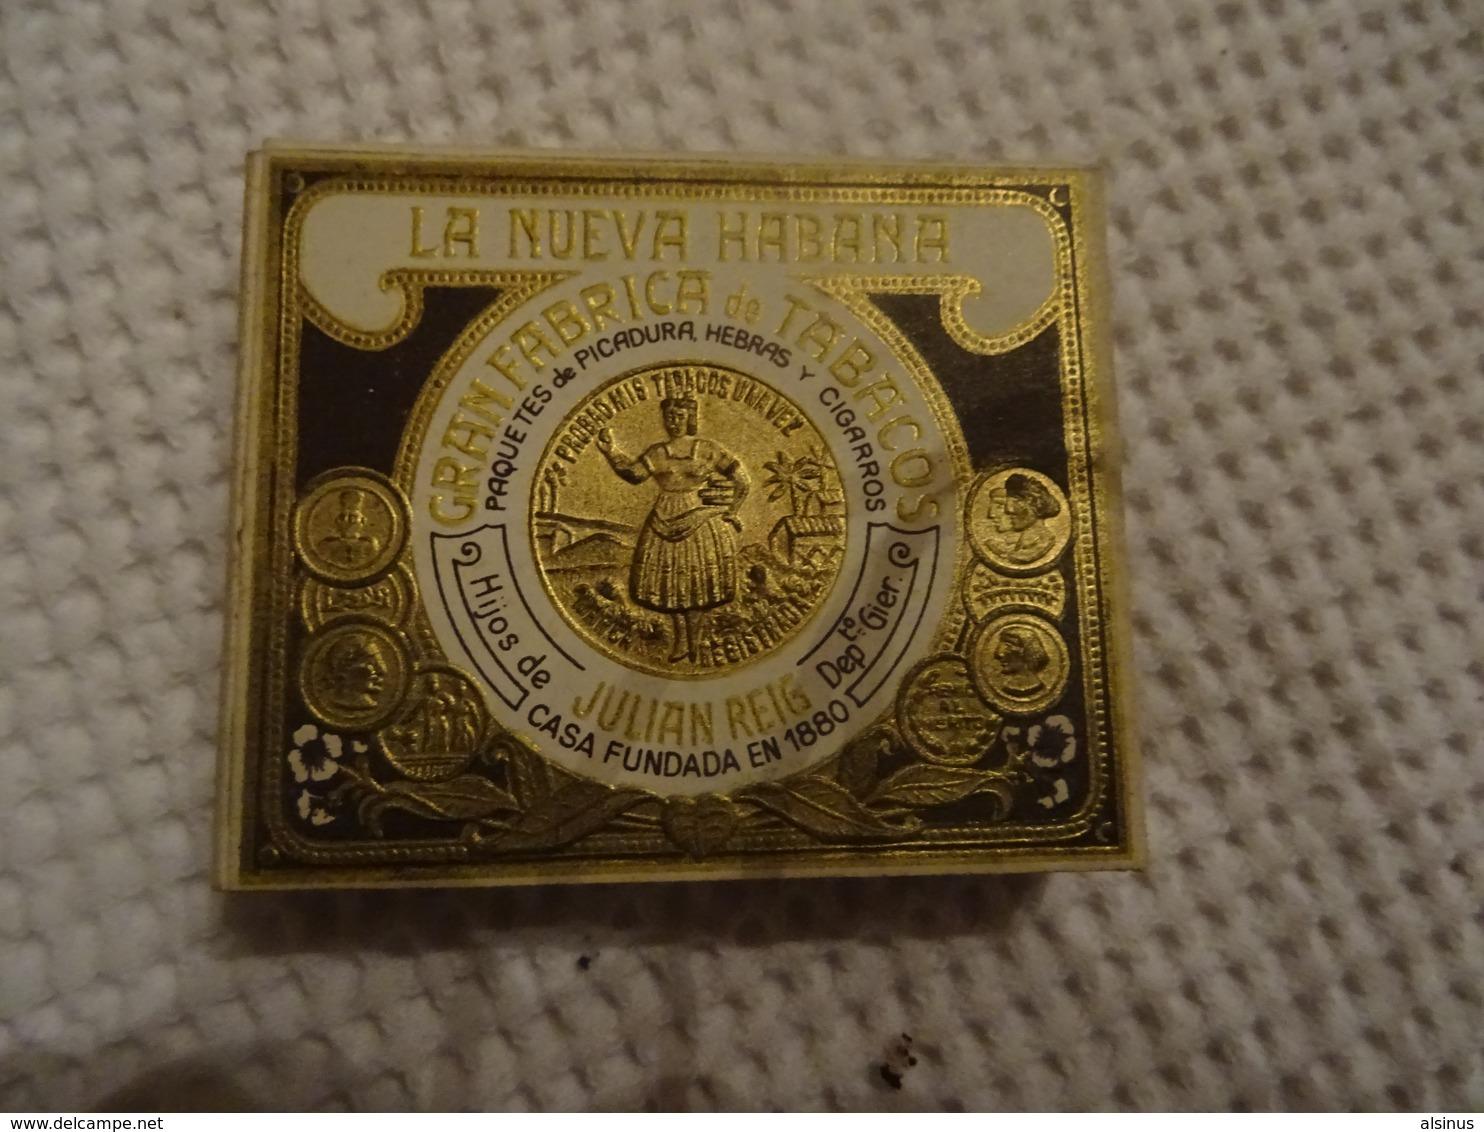 ETUI DE 20 CIGARILLOS VIDE - LA NUEVA HABANA - JULIAN REIG - Cigar Cases